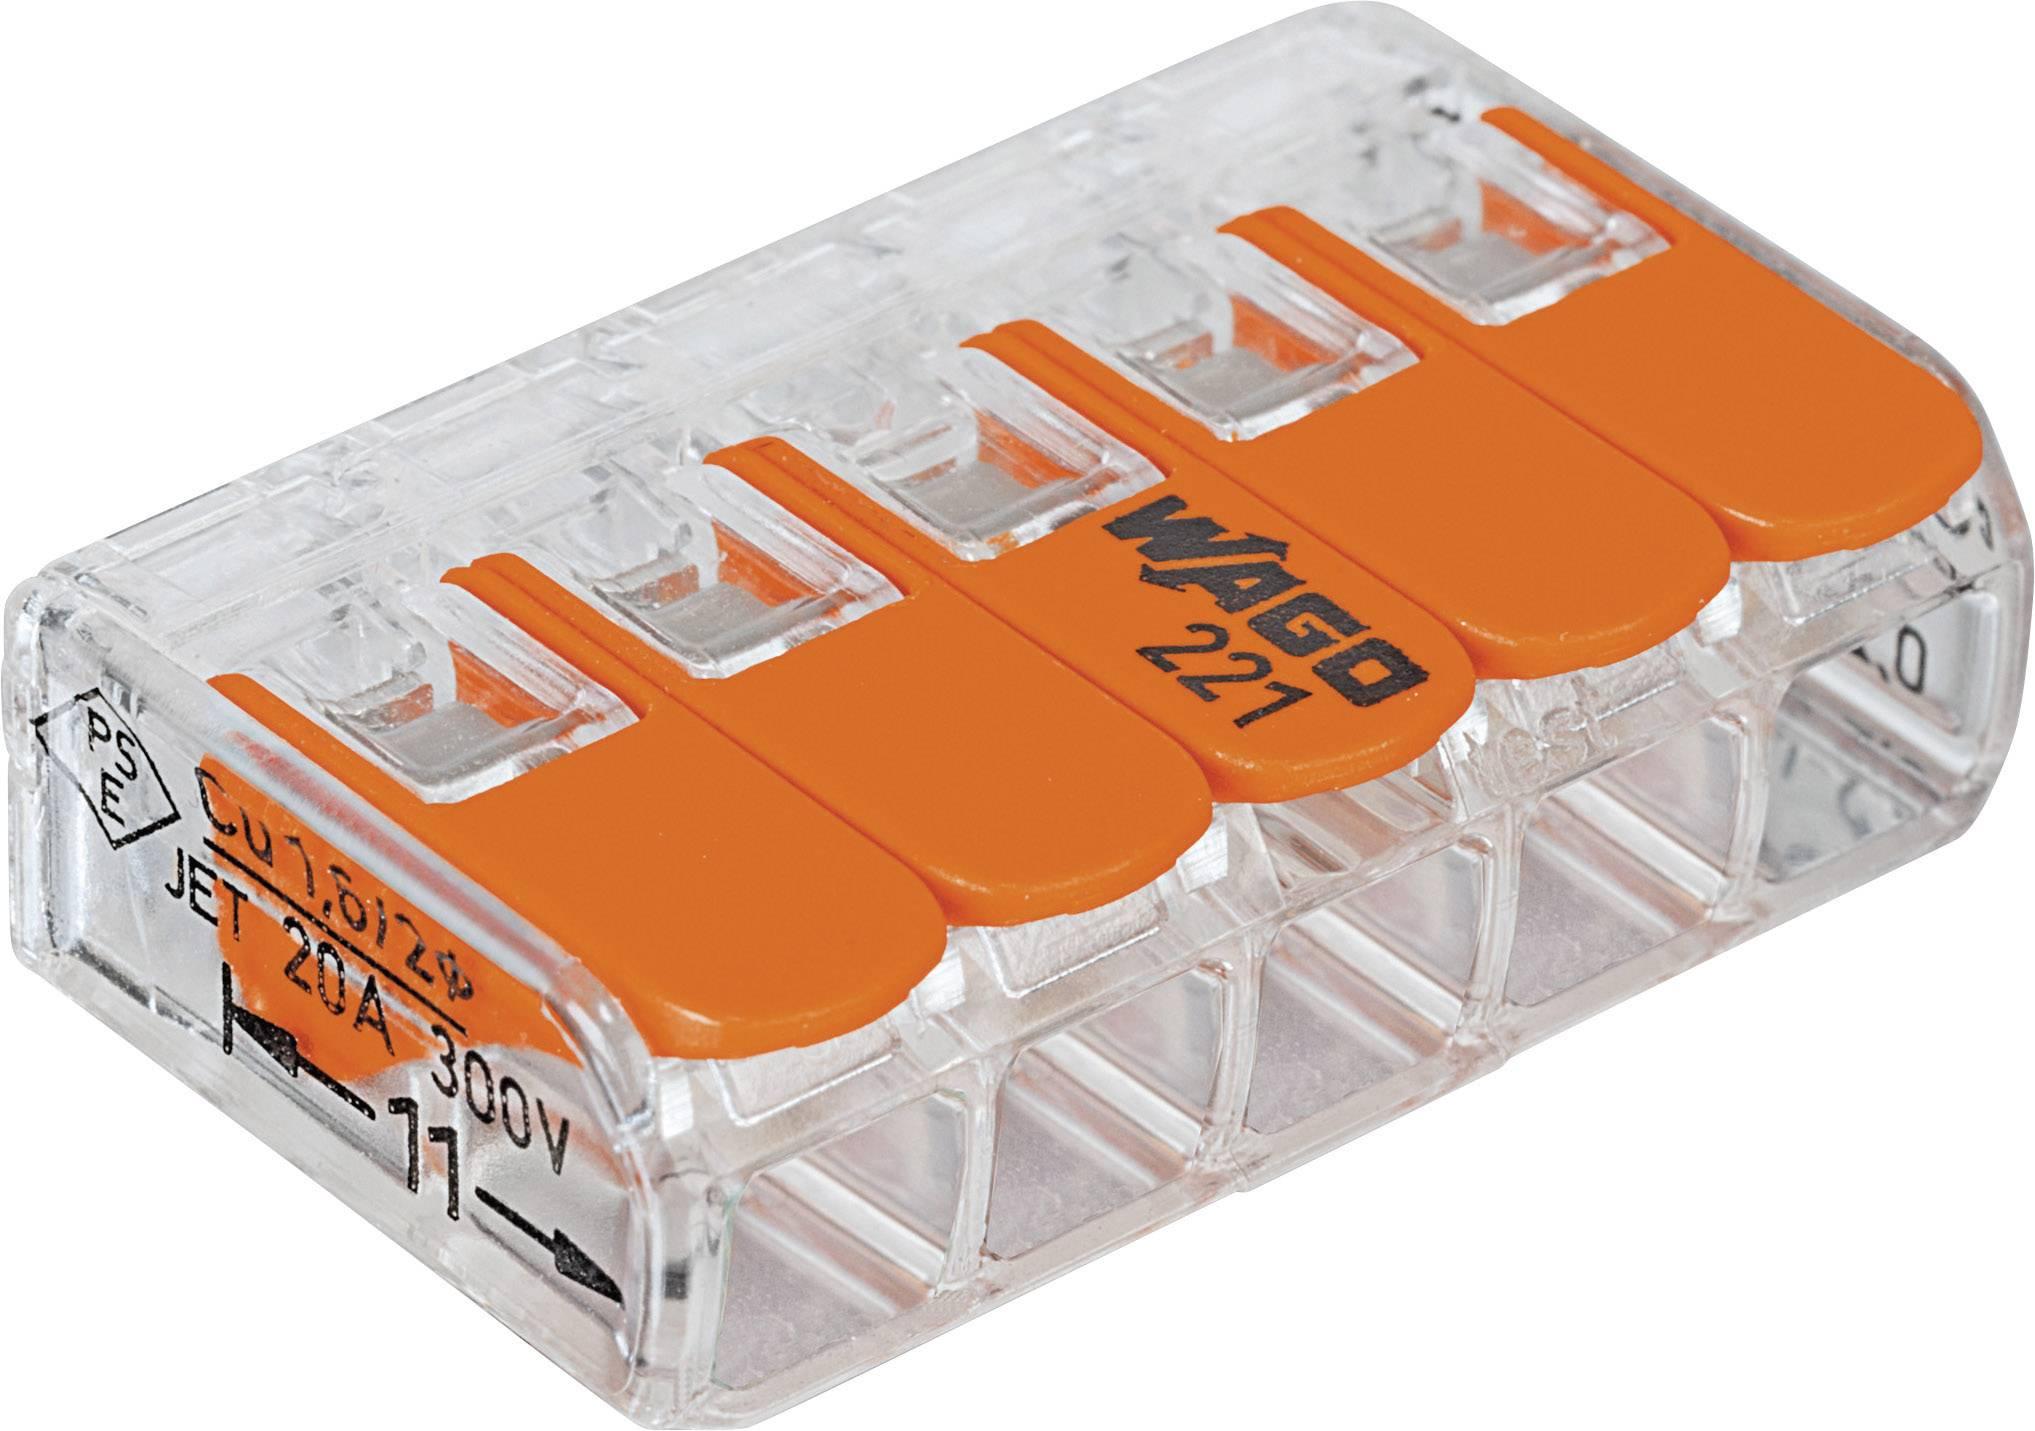 Krabicová svorkovnica WAGO 221-415 na kábel s rozmerom 0.14-4 mm², pólov 5, 25 ks, priehľadná, oranžová